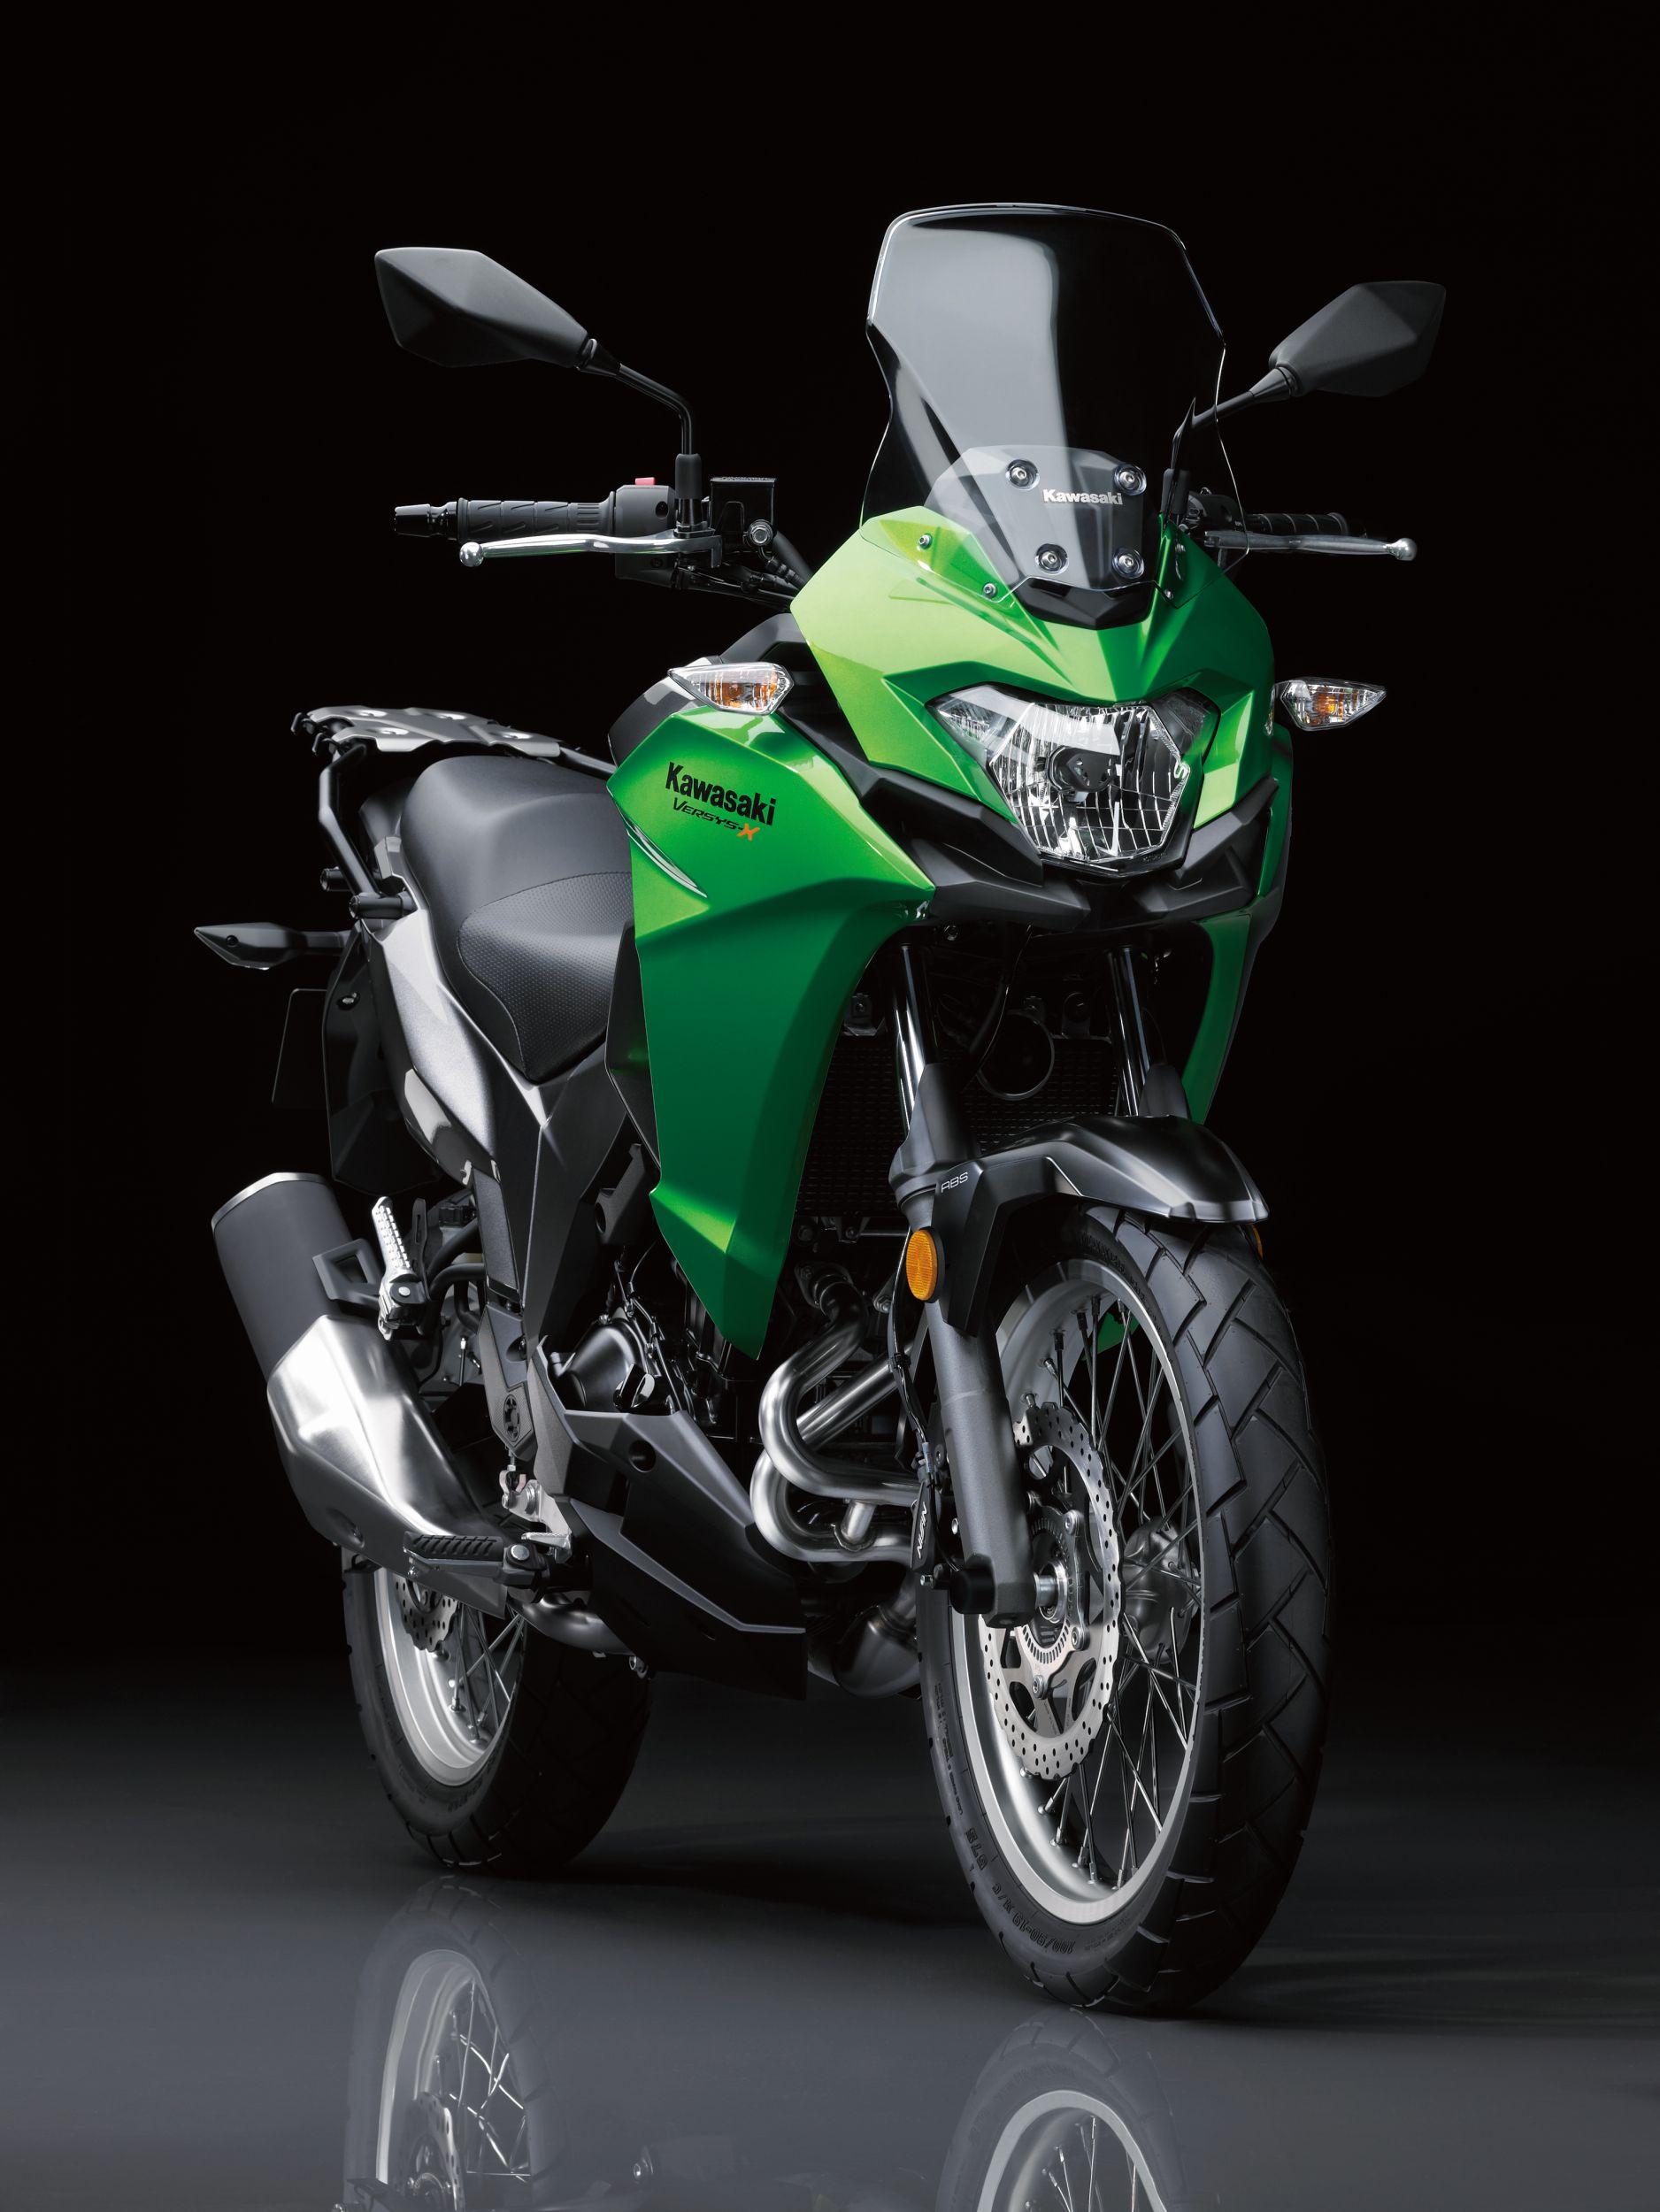 Kawasaki Kle Review